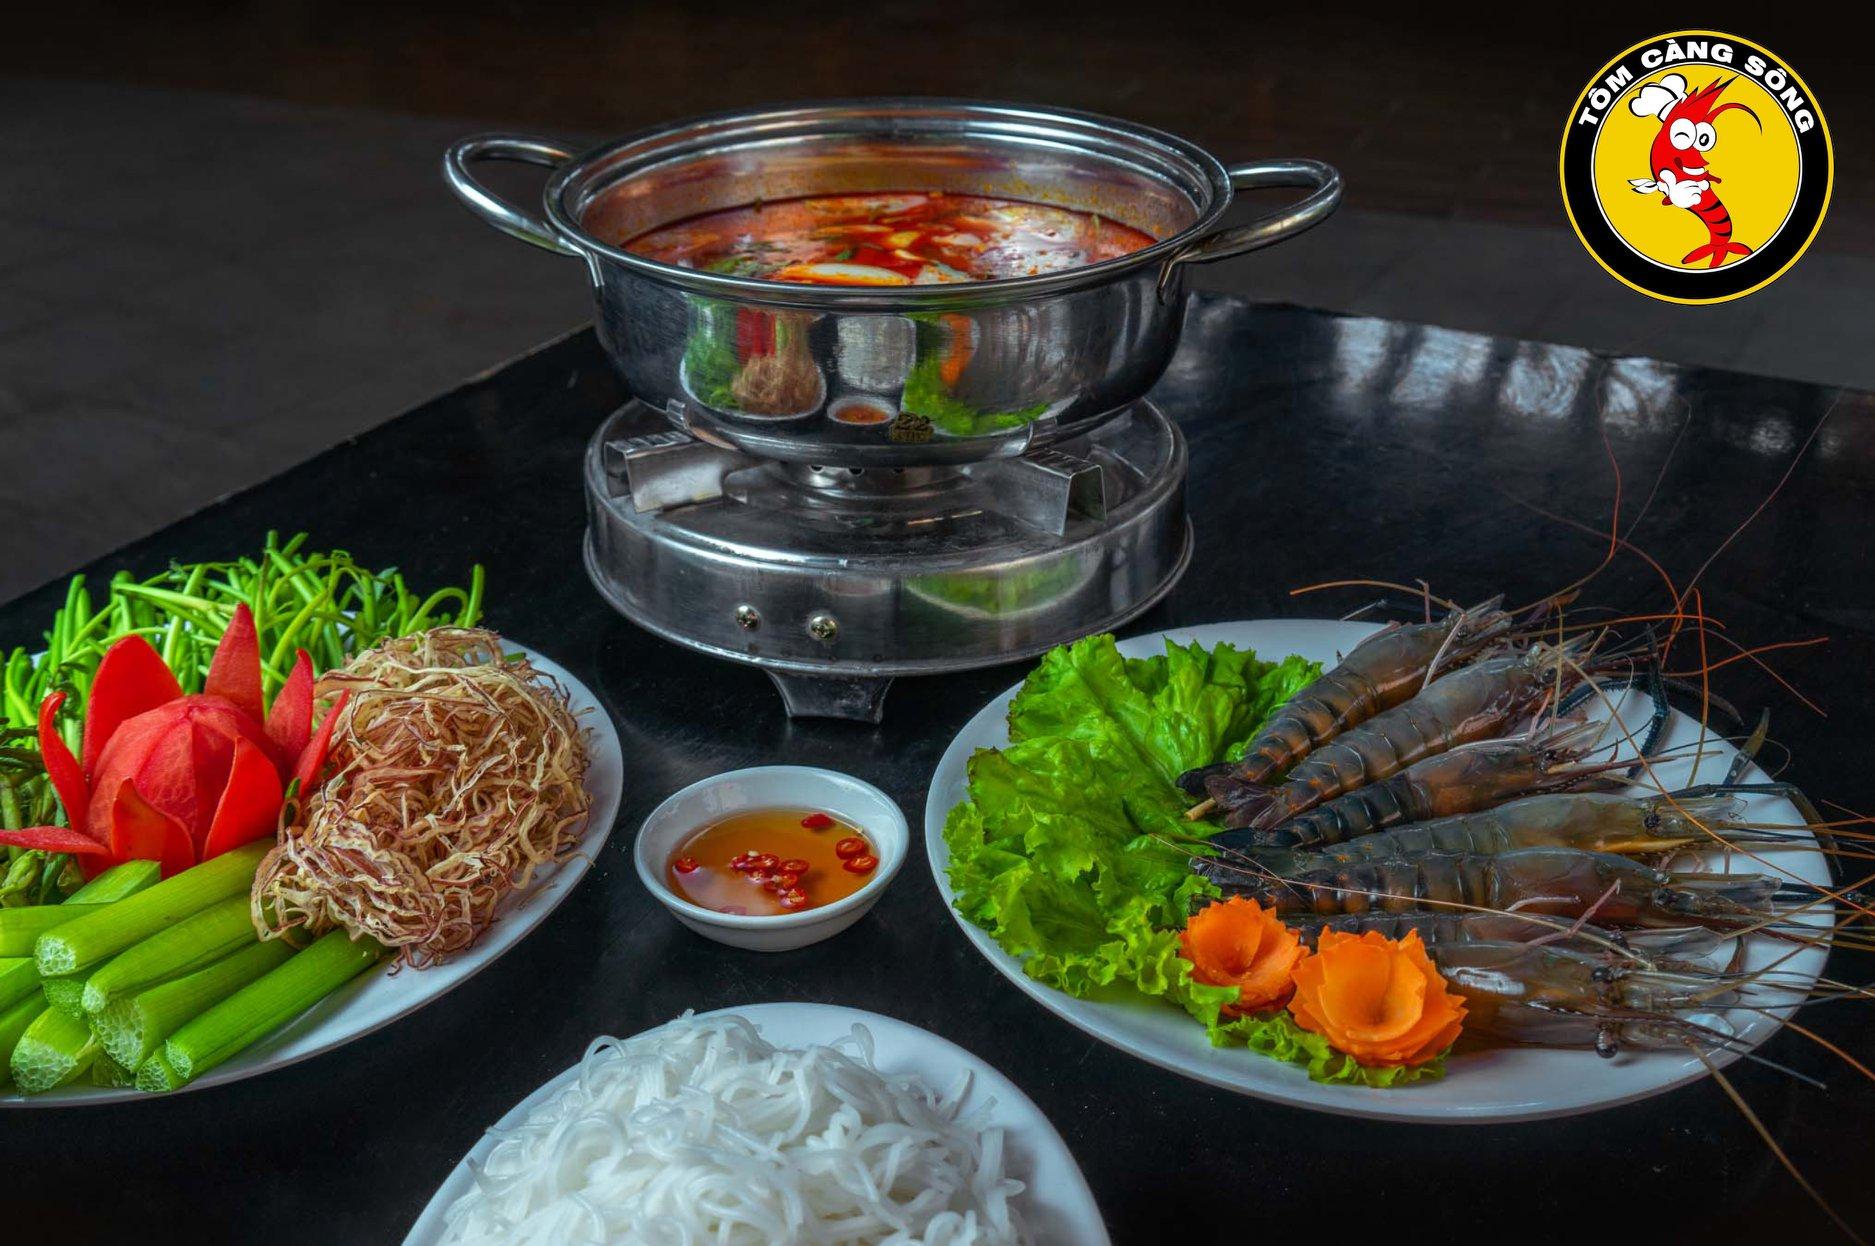 Quán ăn Tôm Càng Sông – Quang Trung